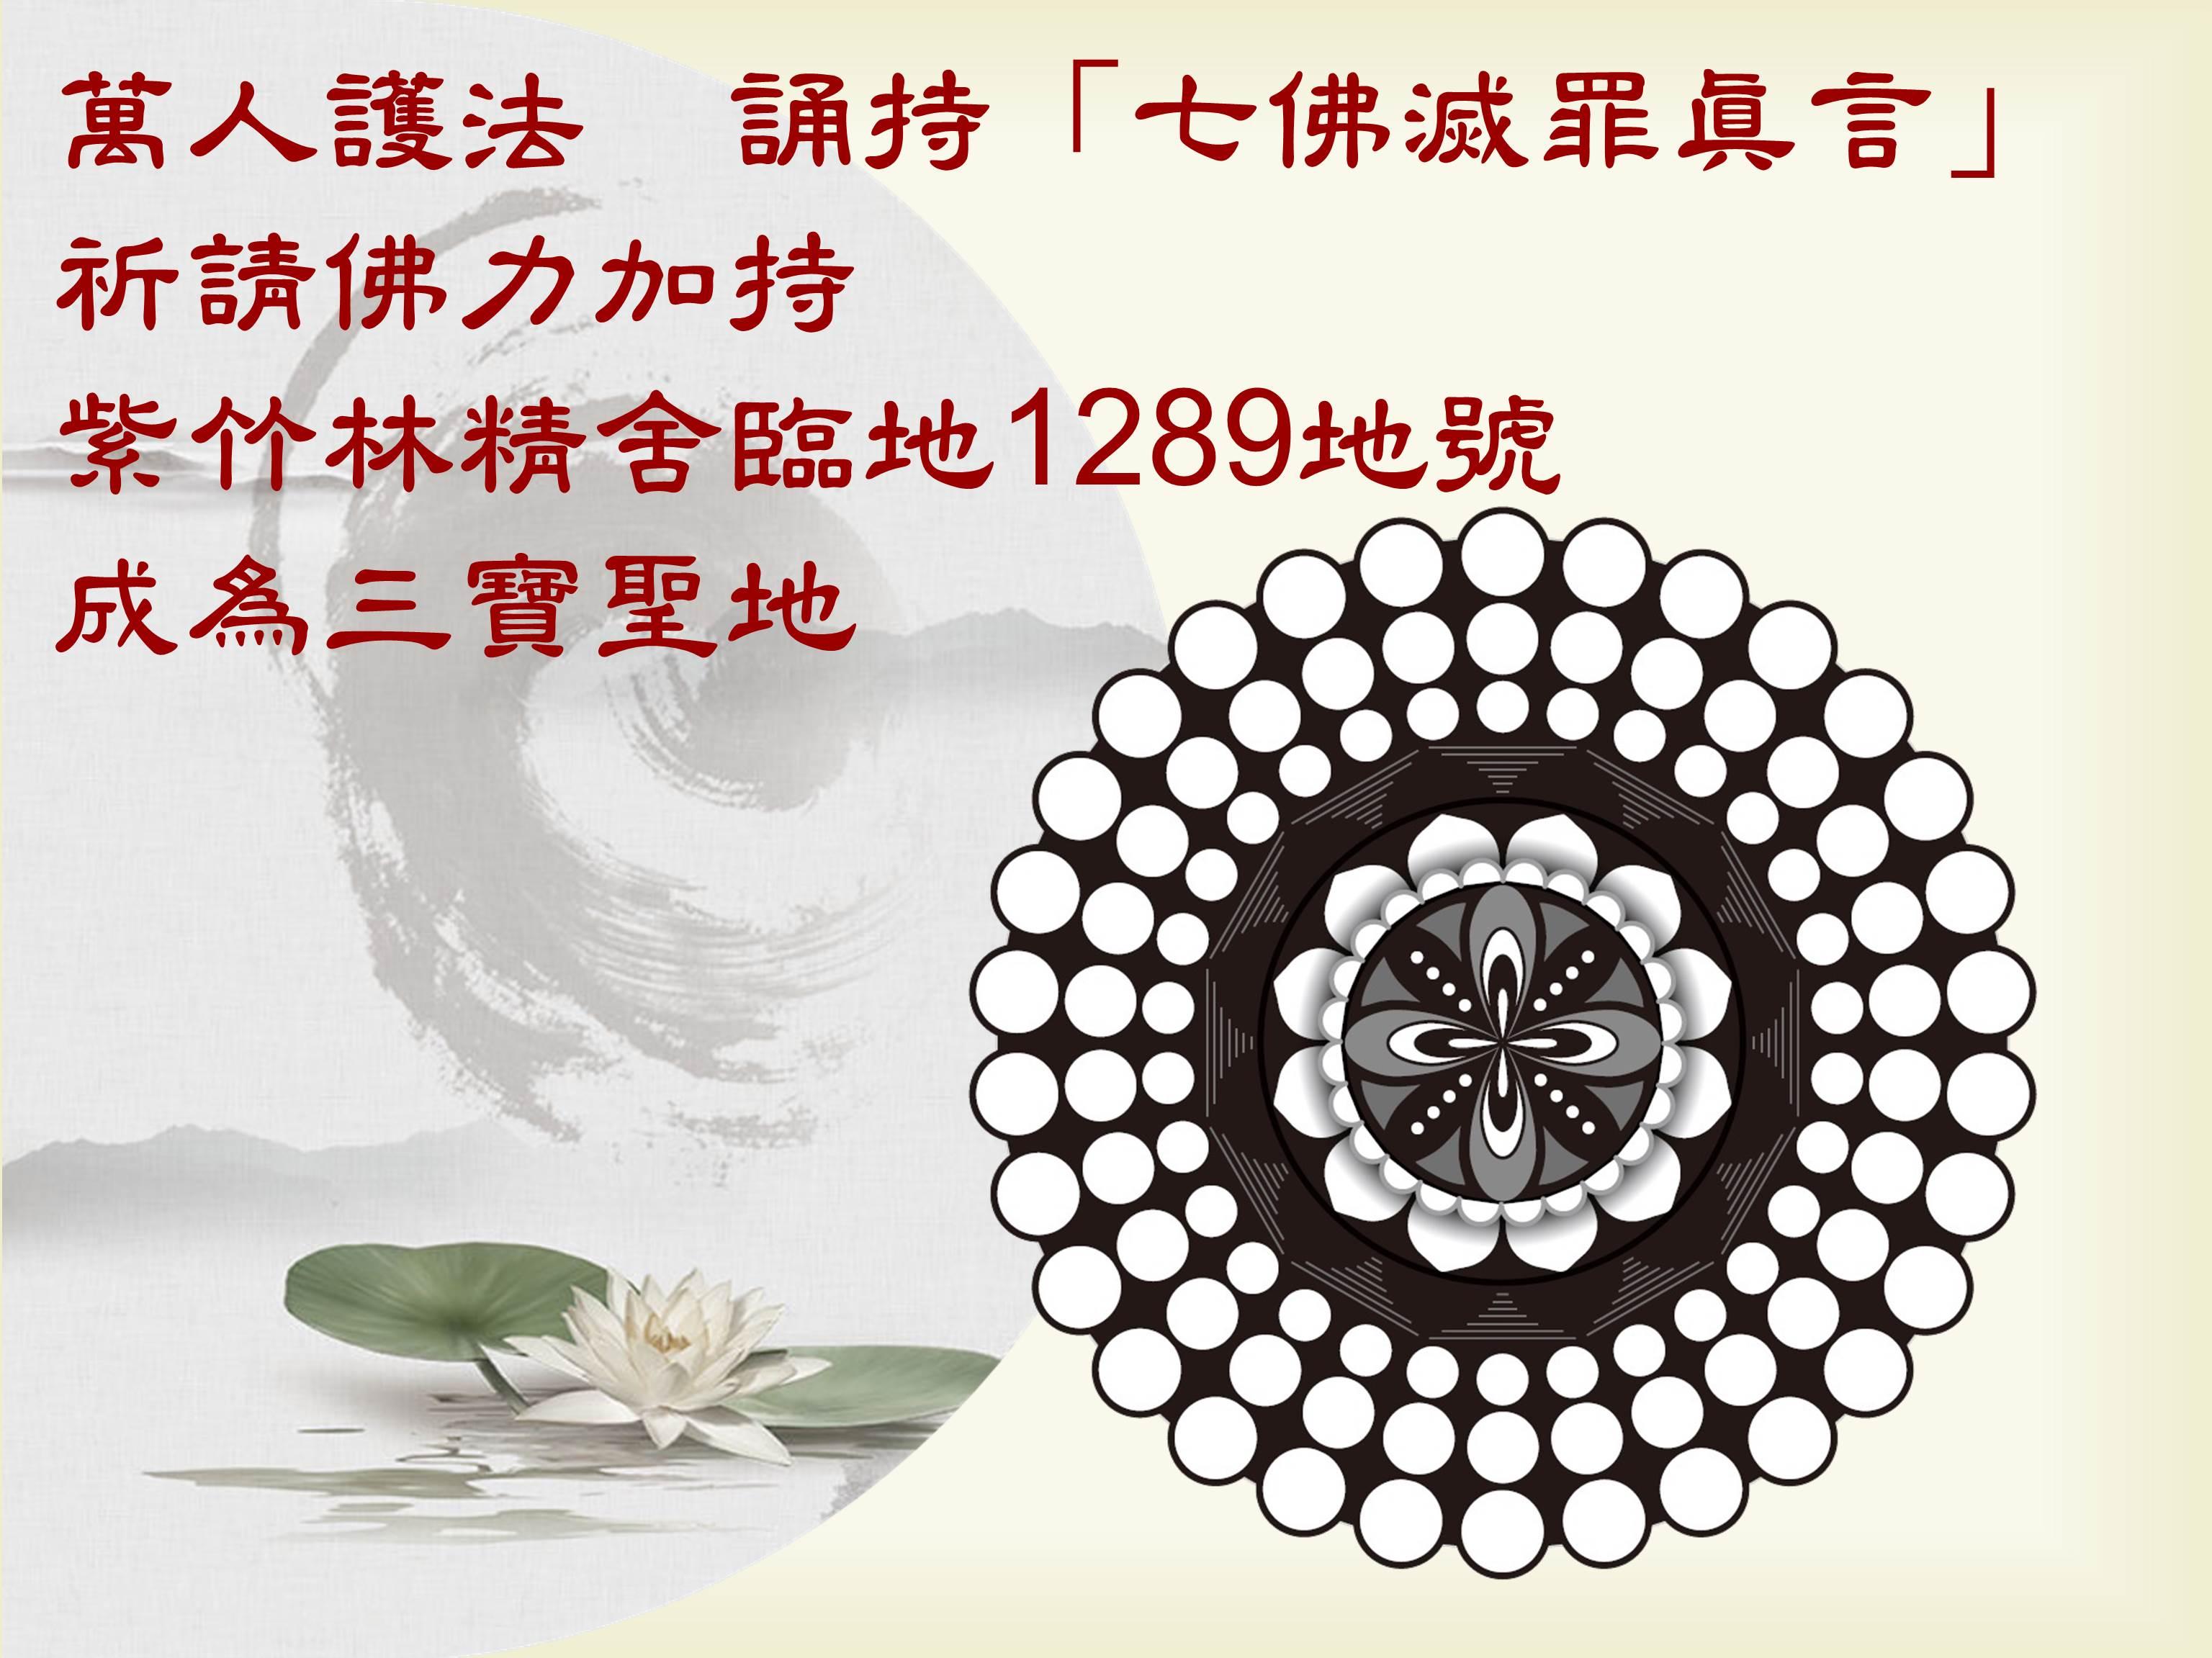 香光尼僧團 紫竹林精舍 電子報 新型冠狀病毒特刊 2020.02.12